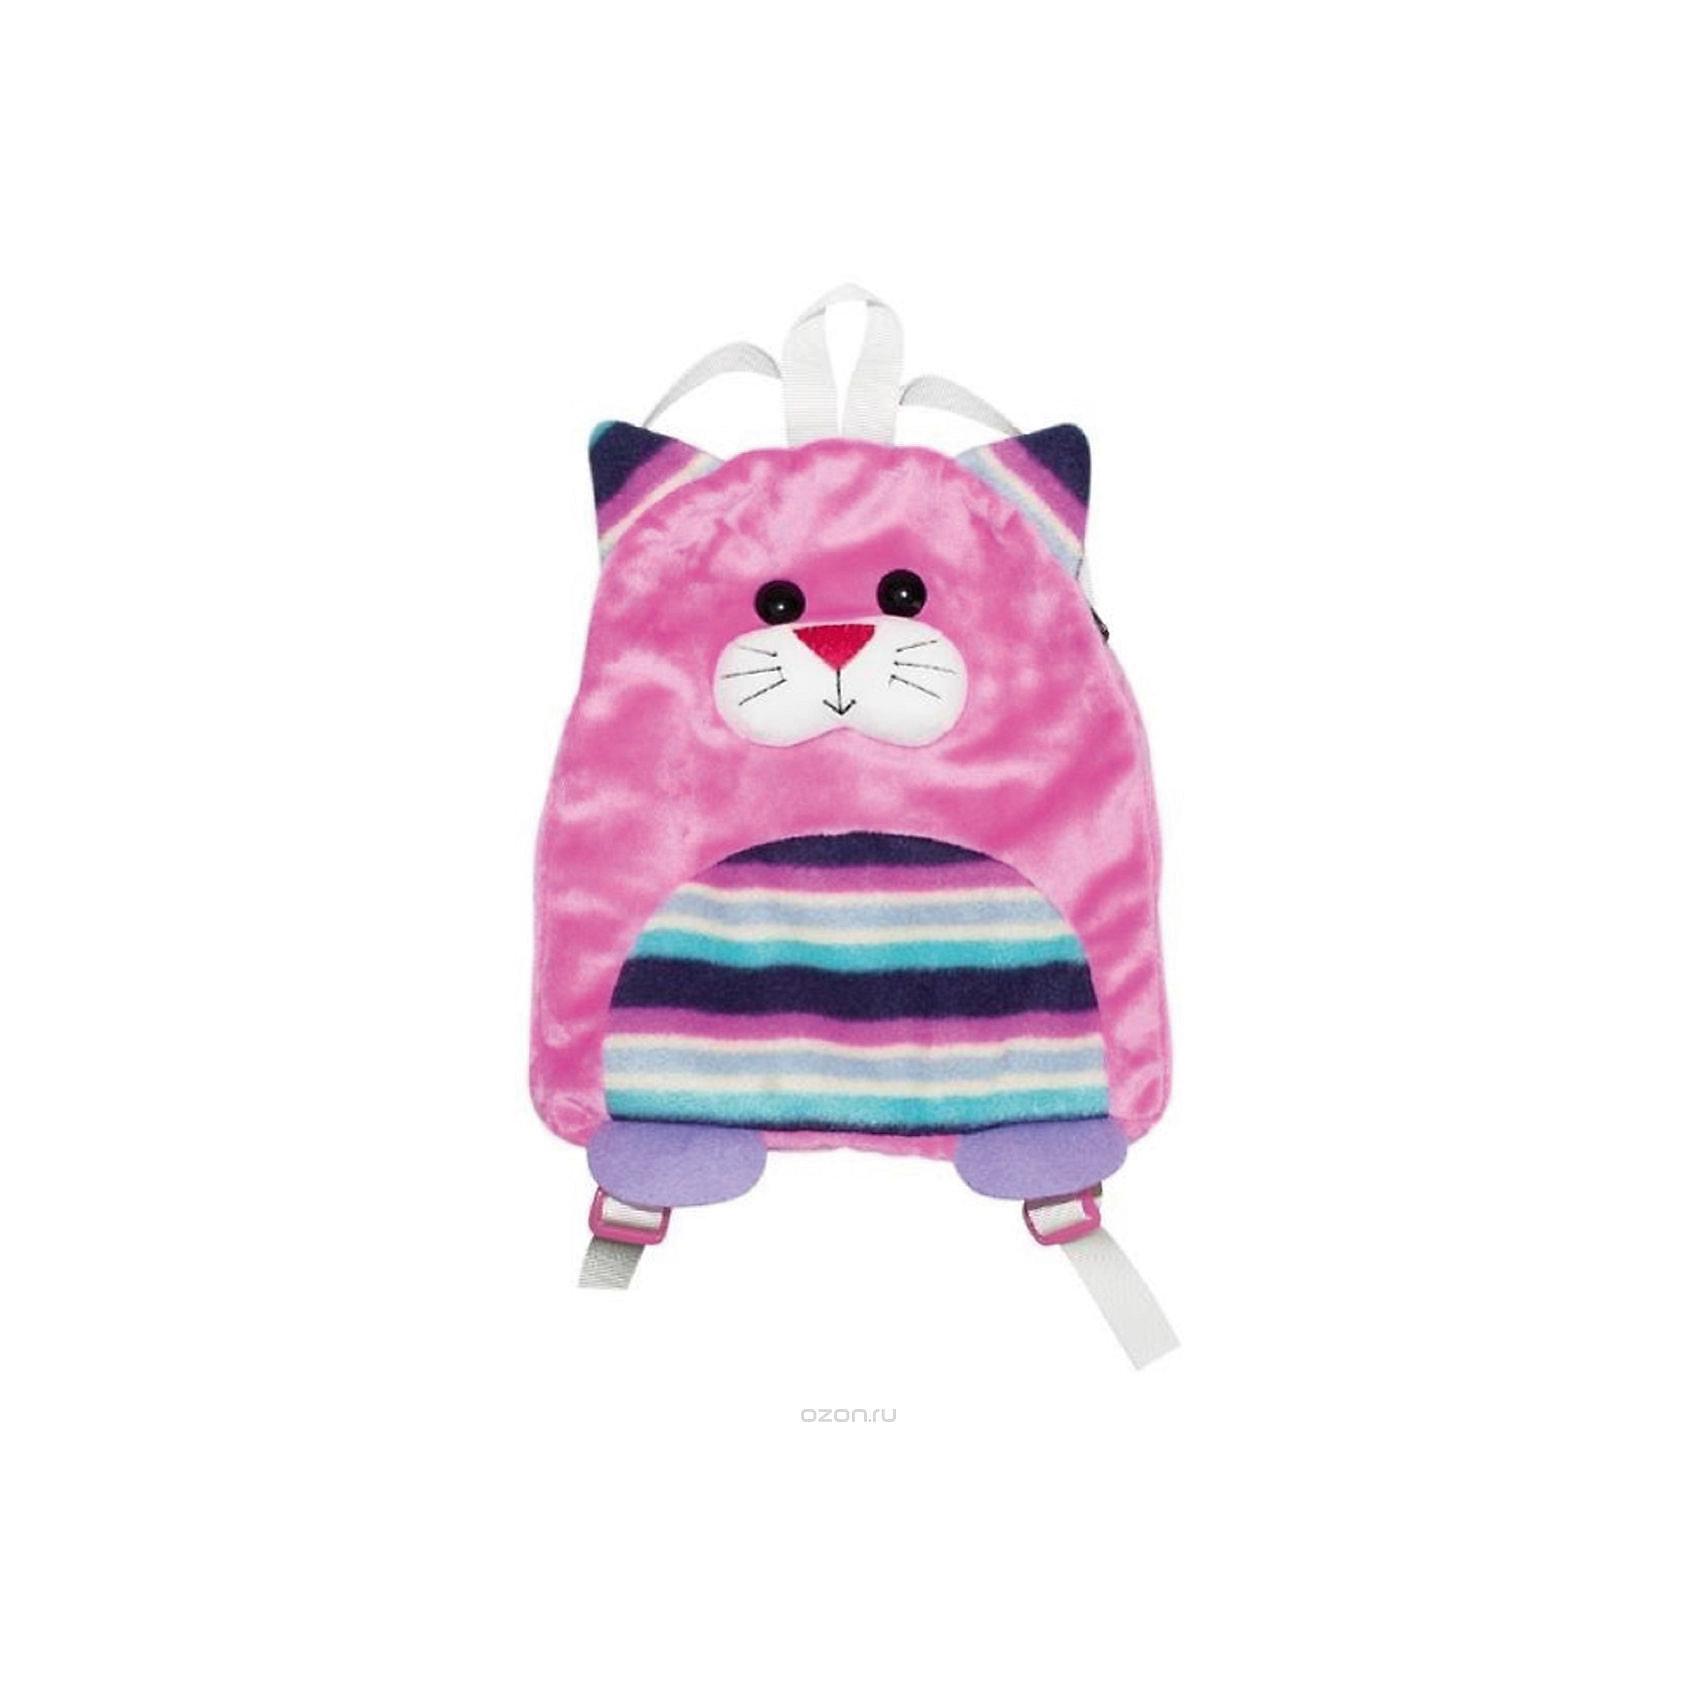 Рюкзак КотёнокДетские рюкзаки<br>Образ маленькой модницы не будет завершенным, если его не дополнить маленьким рюкзачком. Стильный детский рюкзачок , выполненный в виде забавного плюшевого кота, станет отличным подарком для вашего ребёнка. Одно отделение позволяет с лёгкостью разместить бутылочку воды, кошелек, записную книжку и прочие необходимые маленькой непоседе вещи. Удобные текстильные лямки без труда регулируются под рост ребенка. А петля в верхней части рюкзака позволяет носить его в руке или подвешивать на крючок. Прочный и функциональный аксессуар долго будет радовать свою юную обладательницу.<br><br>Ширина мм: 240<br>Глубина мм: 280<br>Высота мм: 300<br>Вес г: 92<br>Возраст от месяцев: 36<br>Возраст до месяцев: 84<br>Пол: Унисекс<br>Возраст: Детский<br>SKU: 5016501